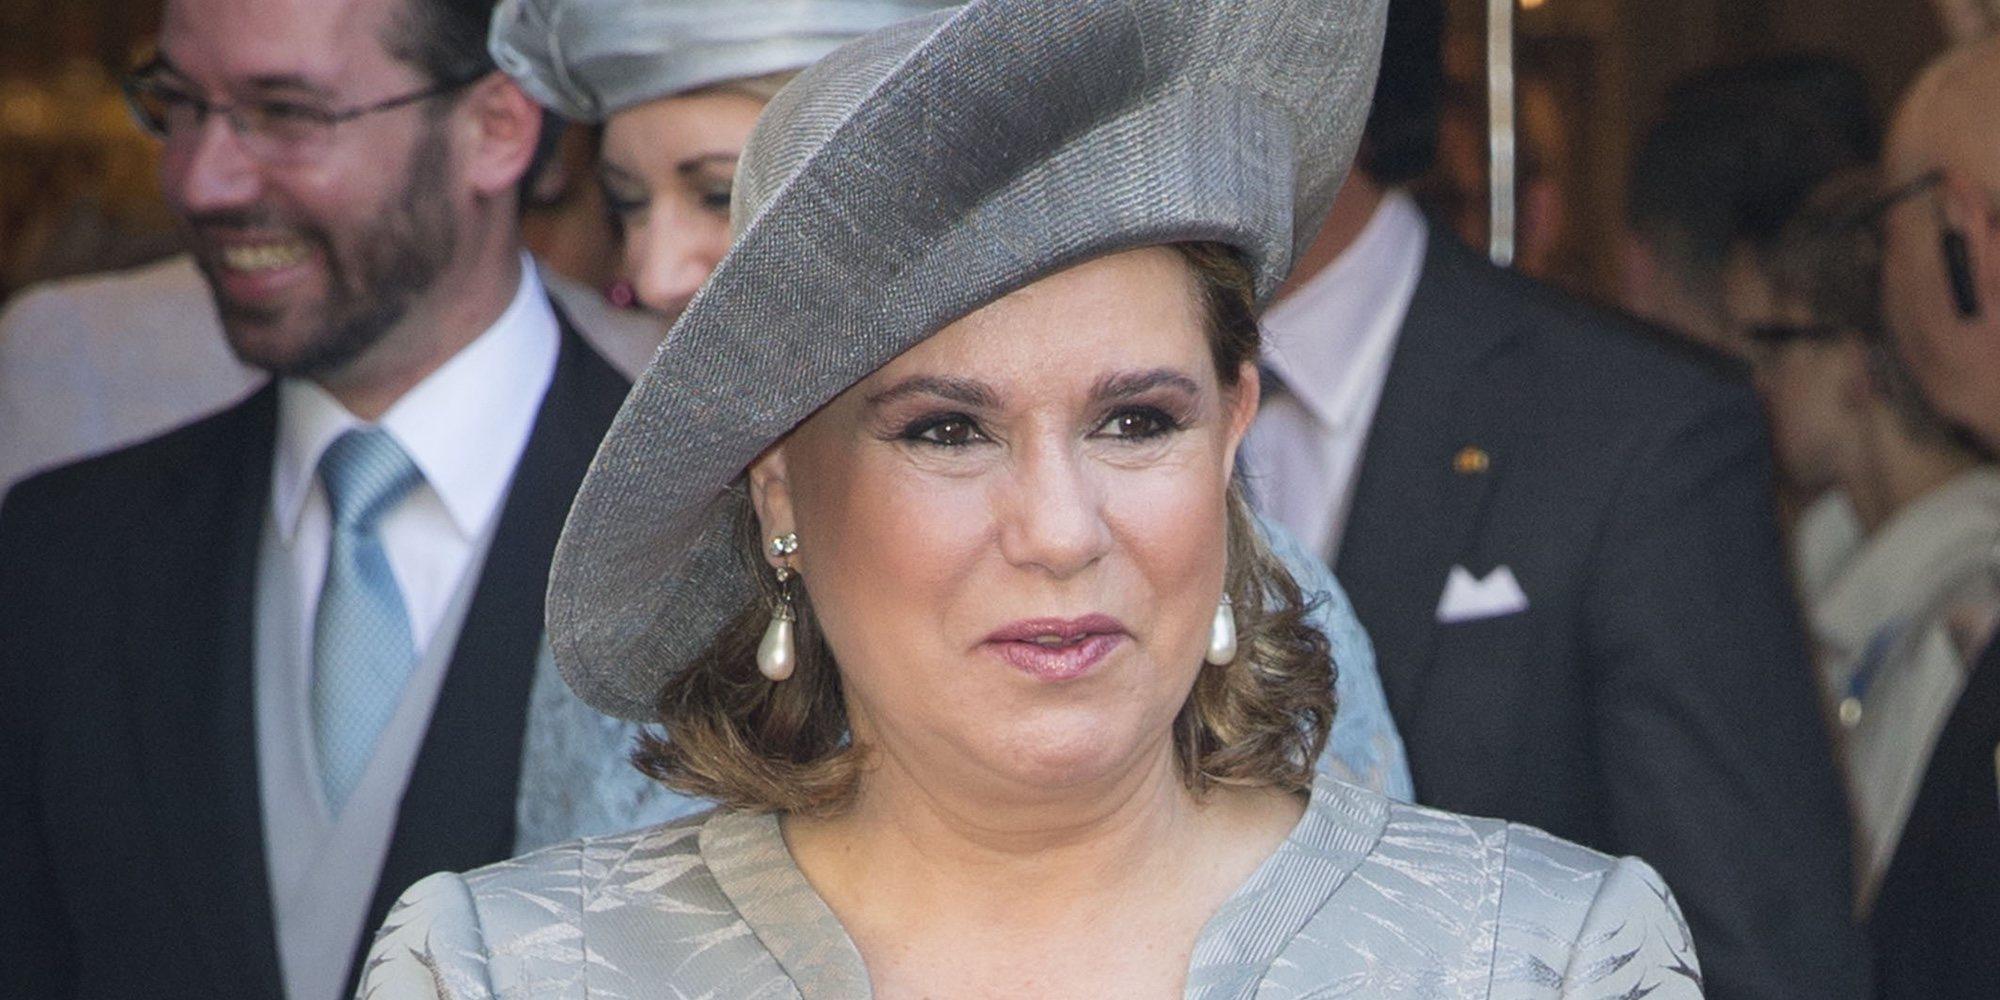 Tessy de Luxemburgo estalla contra su exsuegra María Teresa de Luxemburgo por una posible venganza